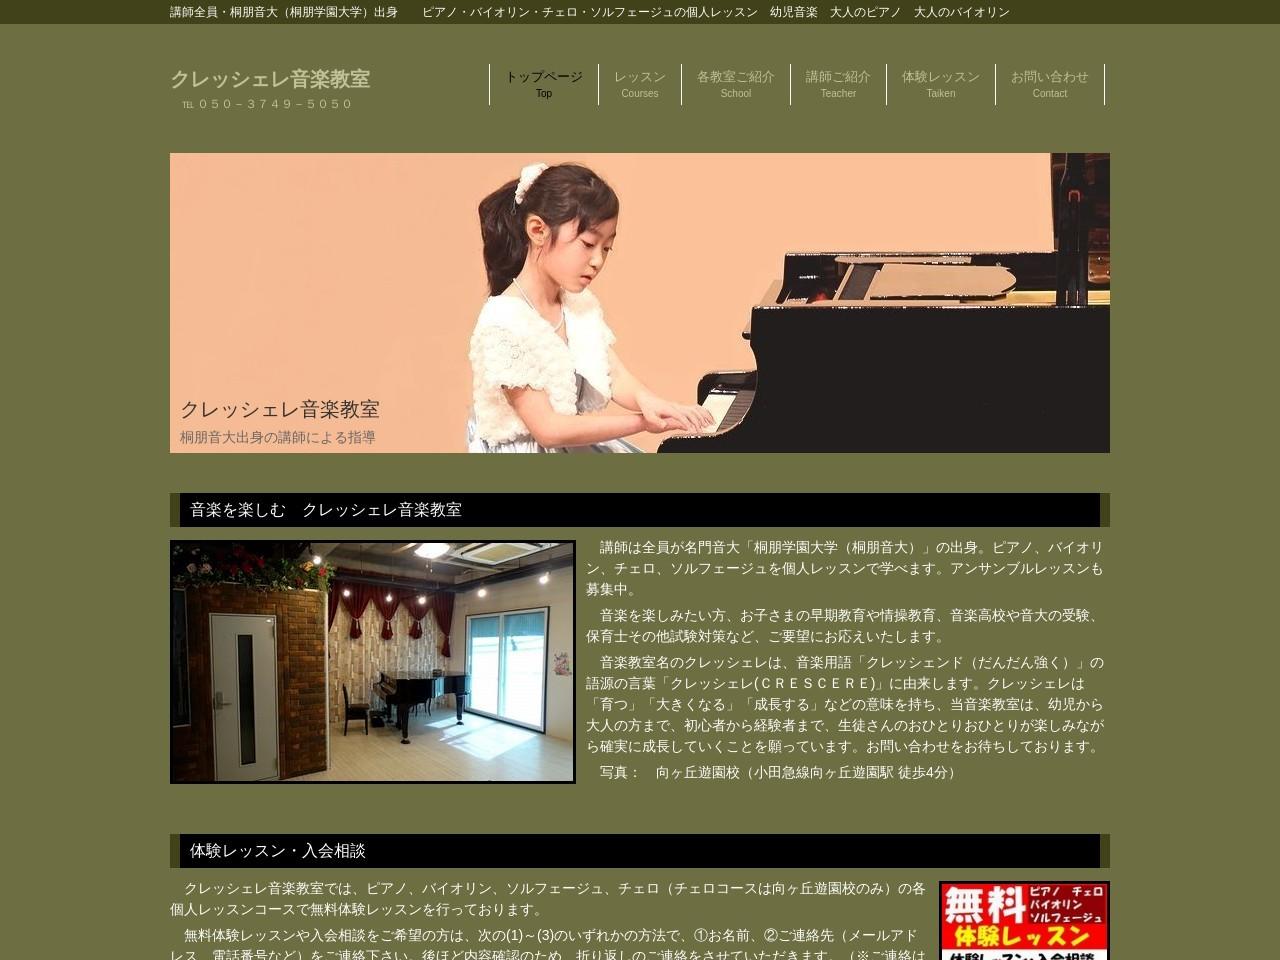 クレッシェレ音楽教室(向ヶ丘遊園校)のサムネイル